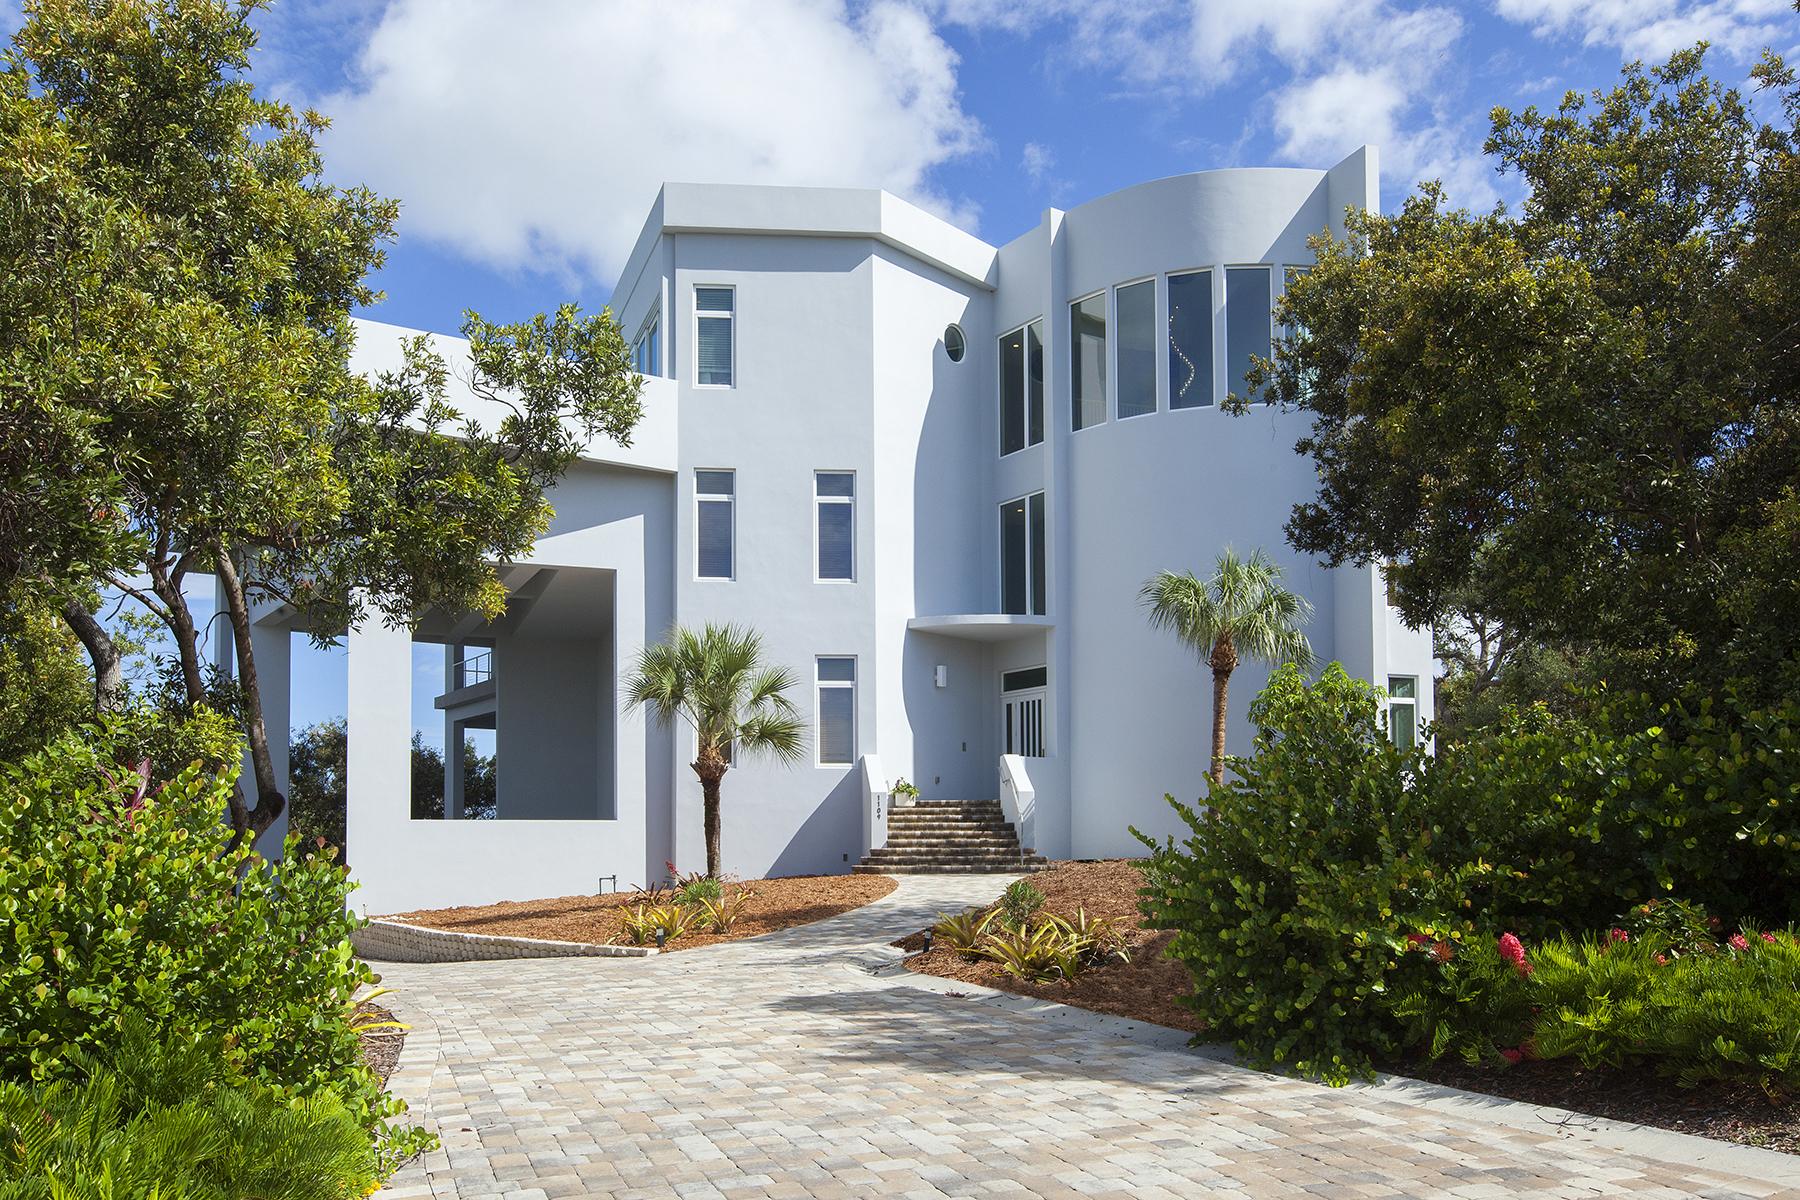 Einfamilienhaus für Verkauf beim MARCO ISLAND - KEY MARCO 1109 Blue Hill Creek Dr Marco Island, Florida, 34145 Vereinigte Staaten